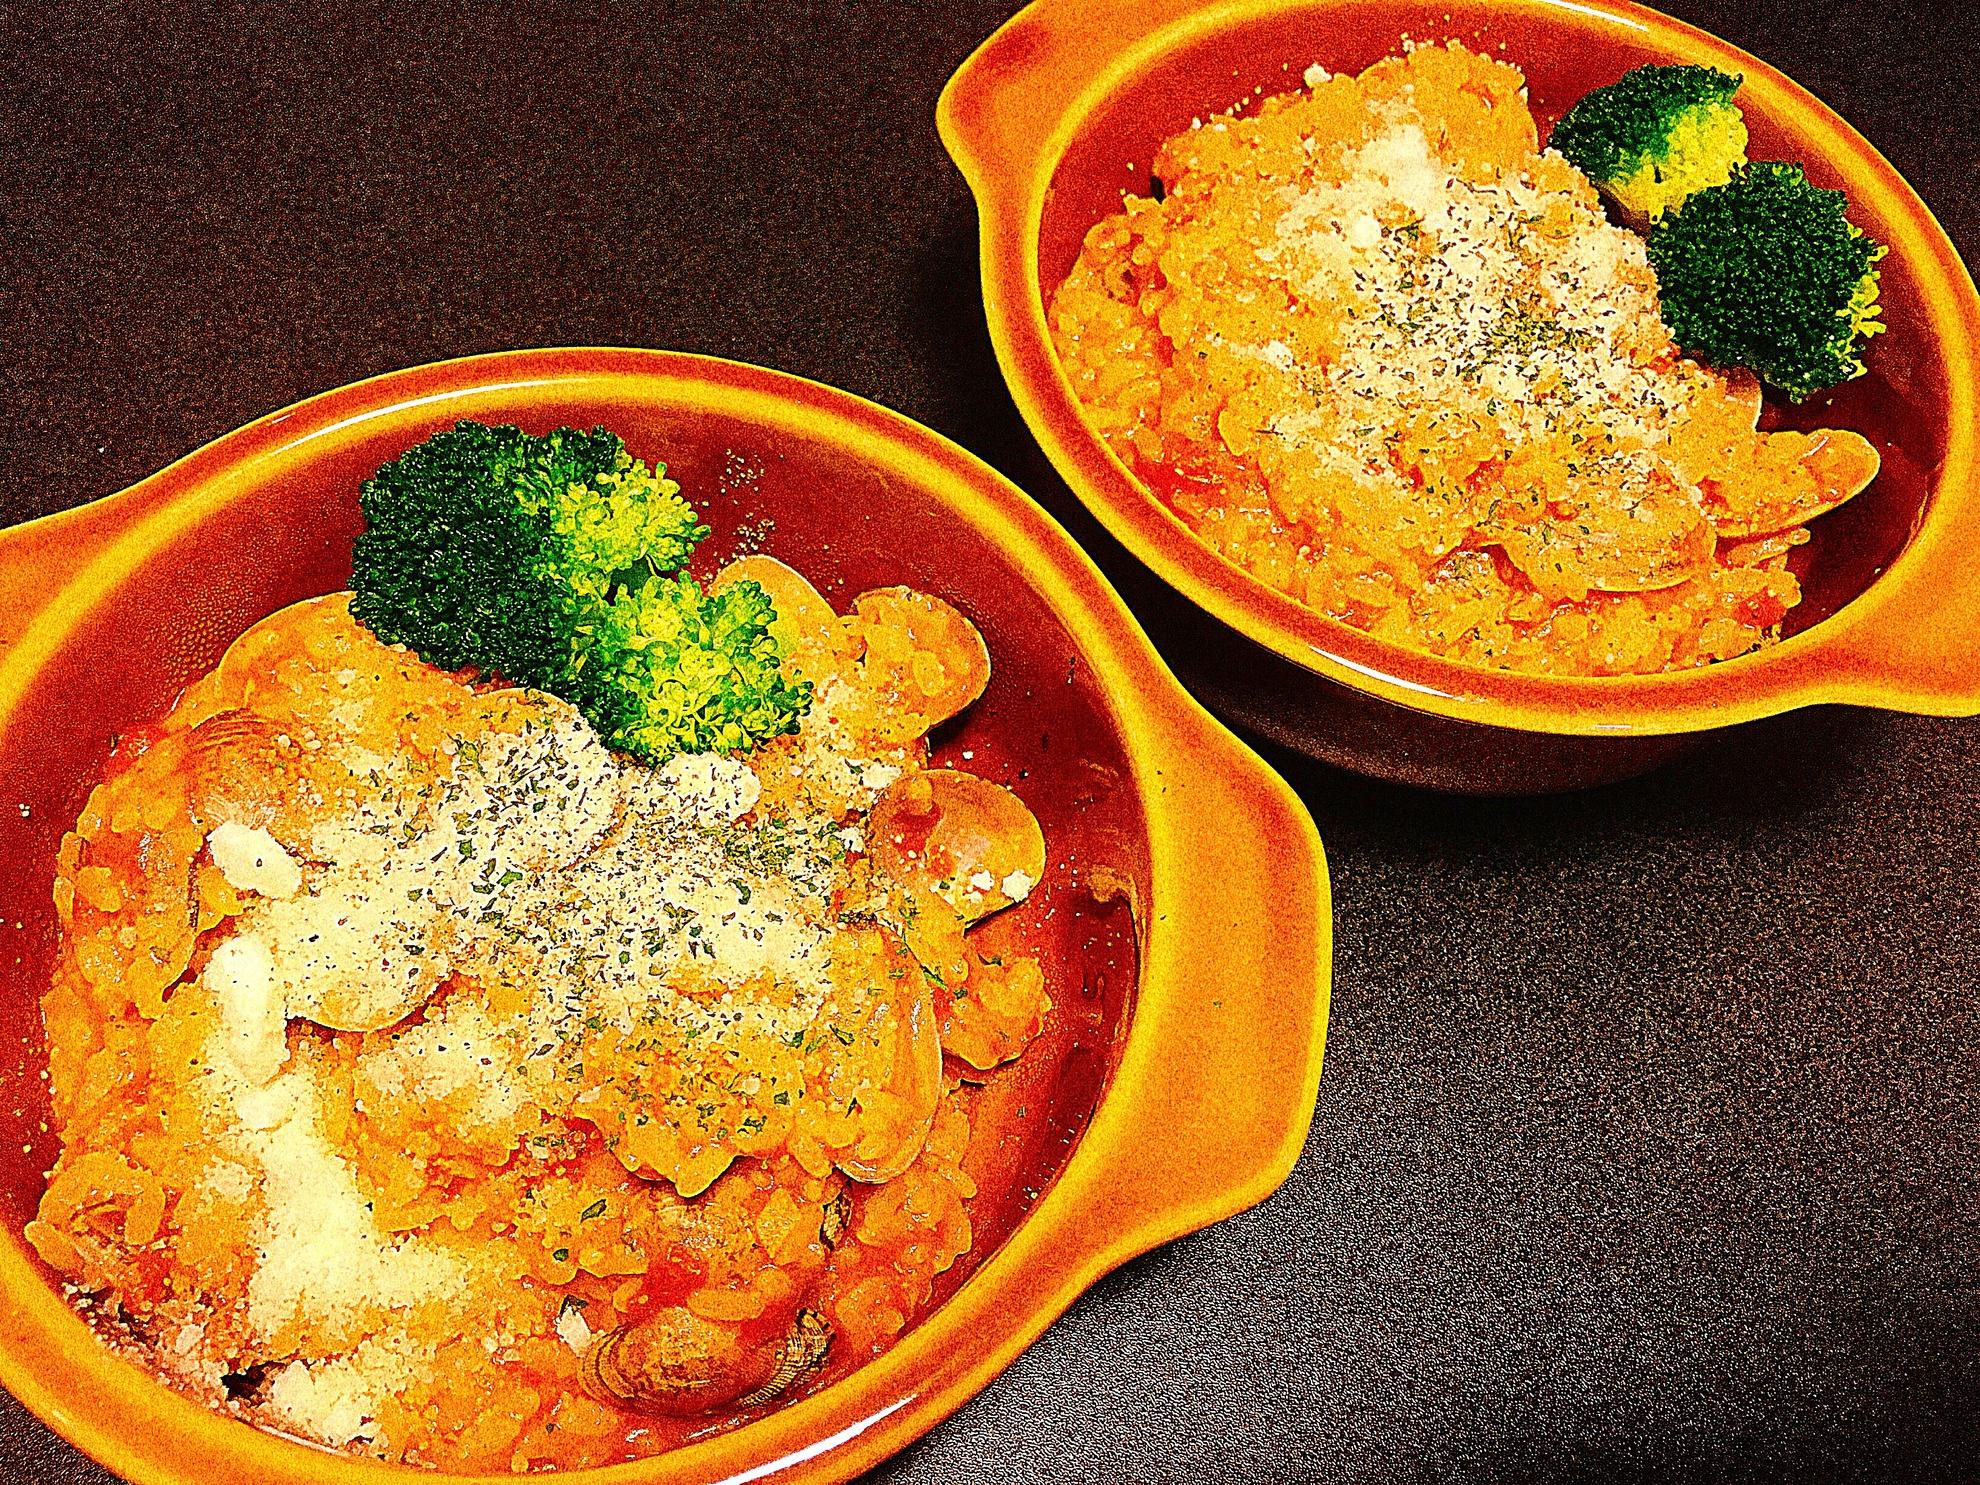 和食、イタリアン、魚料理を家庭料理に。